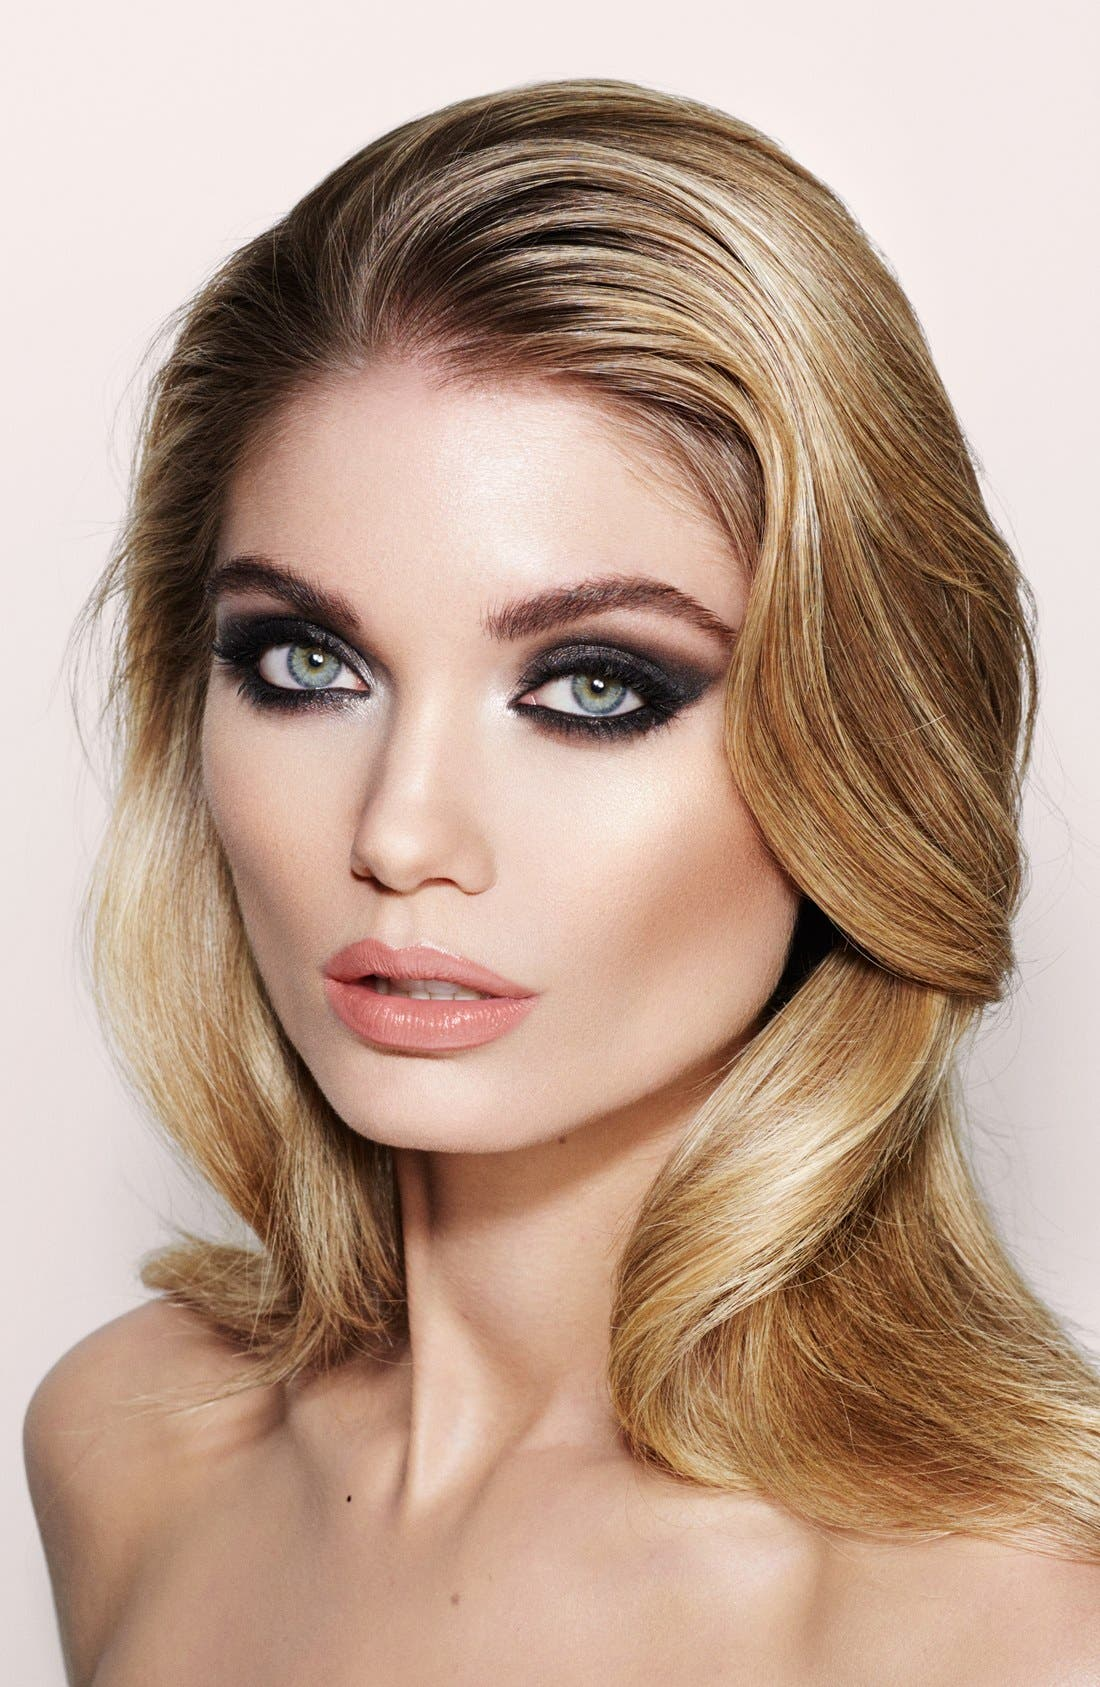 Charlotte Tilbury The Supermodel